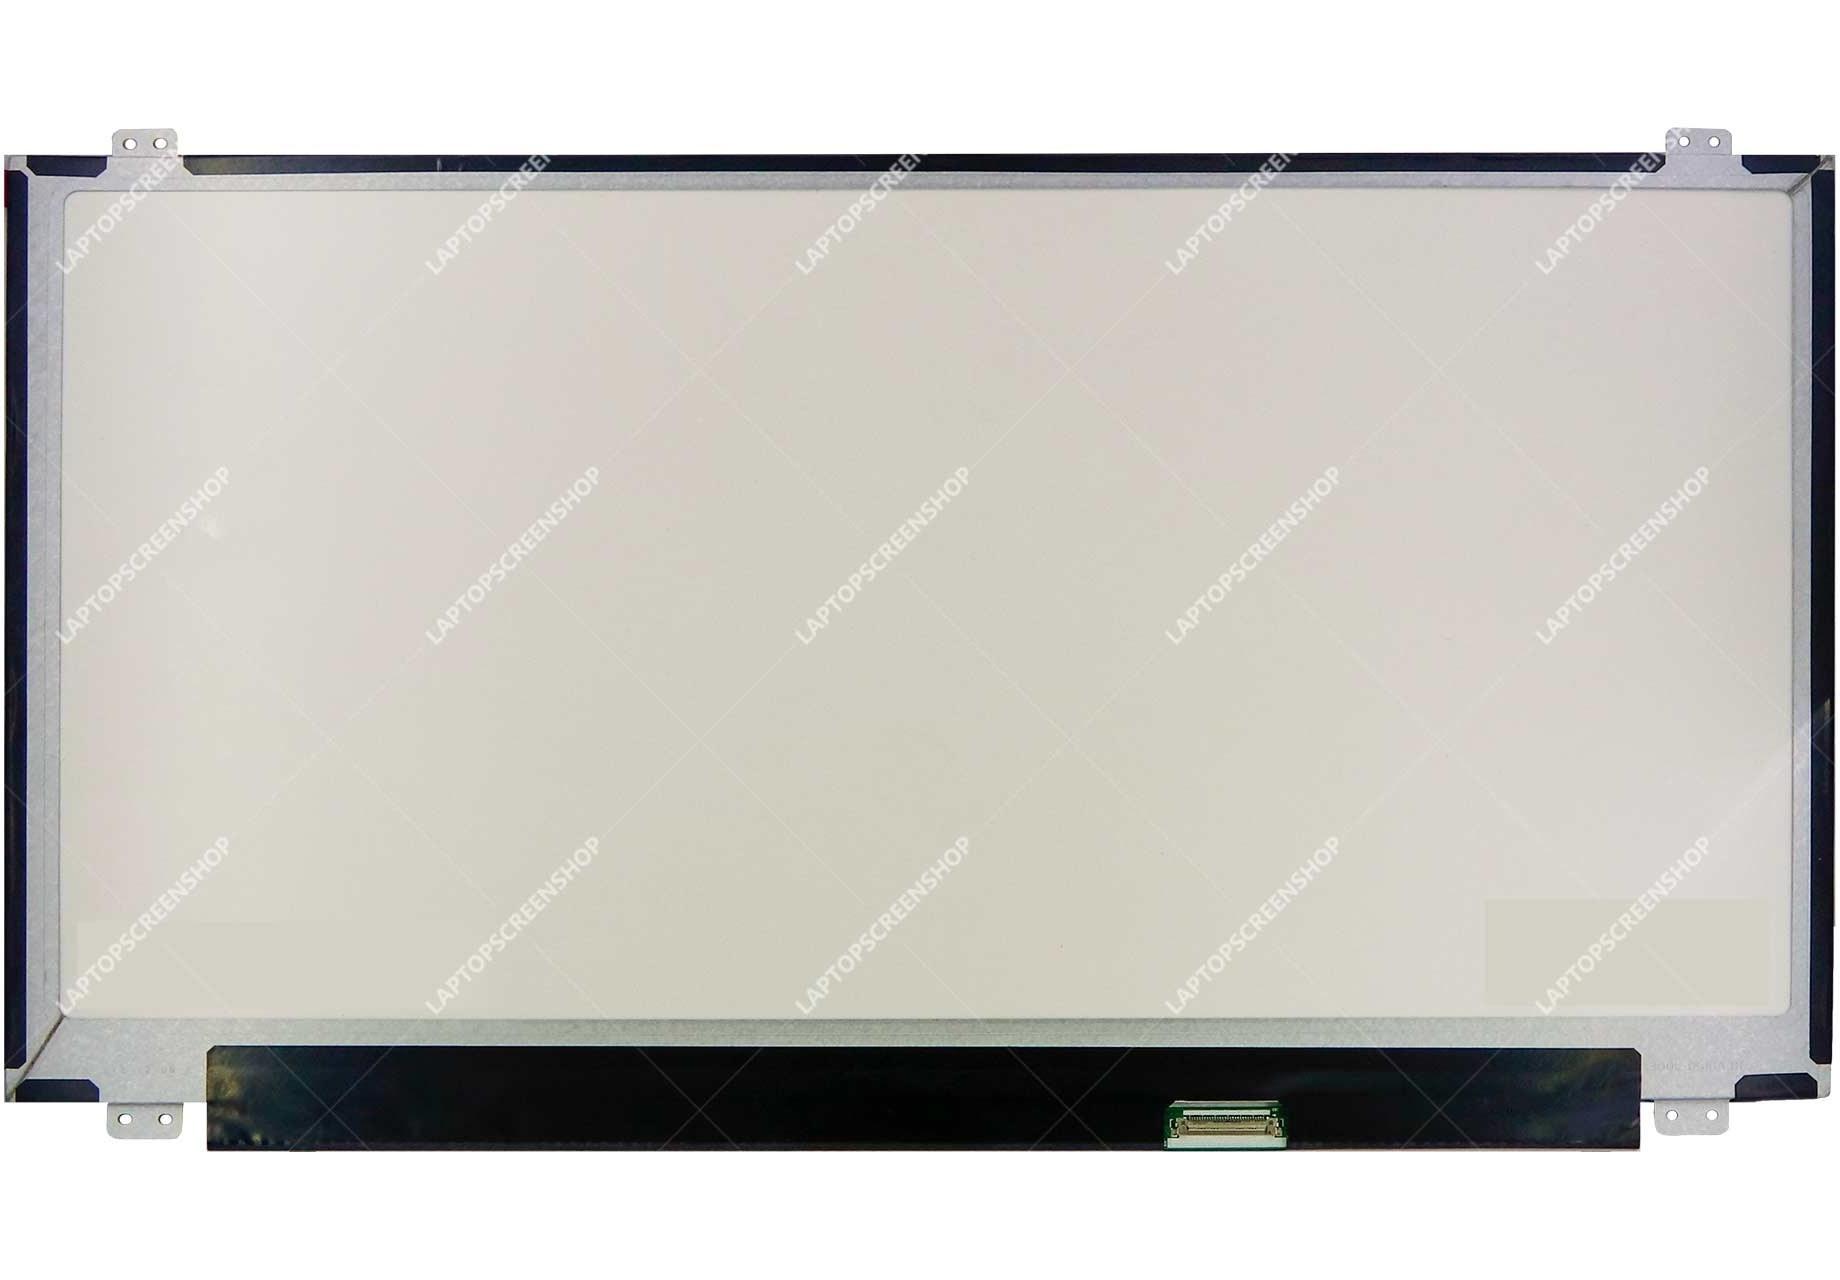 تصویر ال سی دی لپ تاپ فوجیتسو Fujitsu LIFEBOOK AH532G21